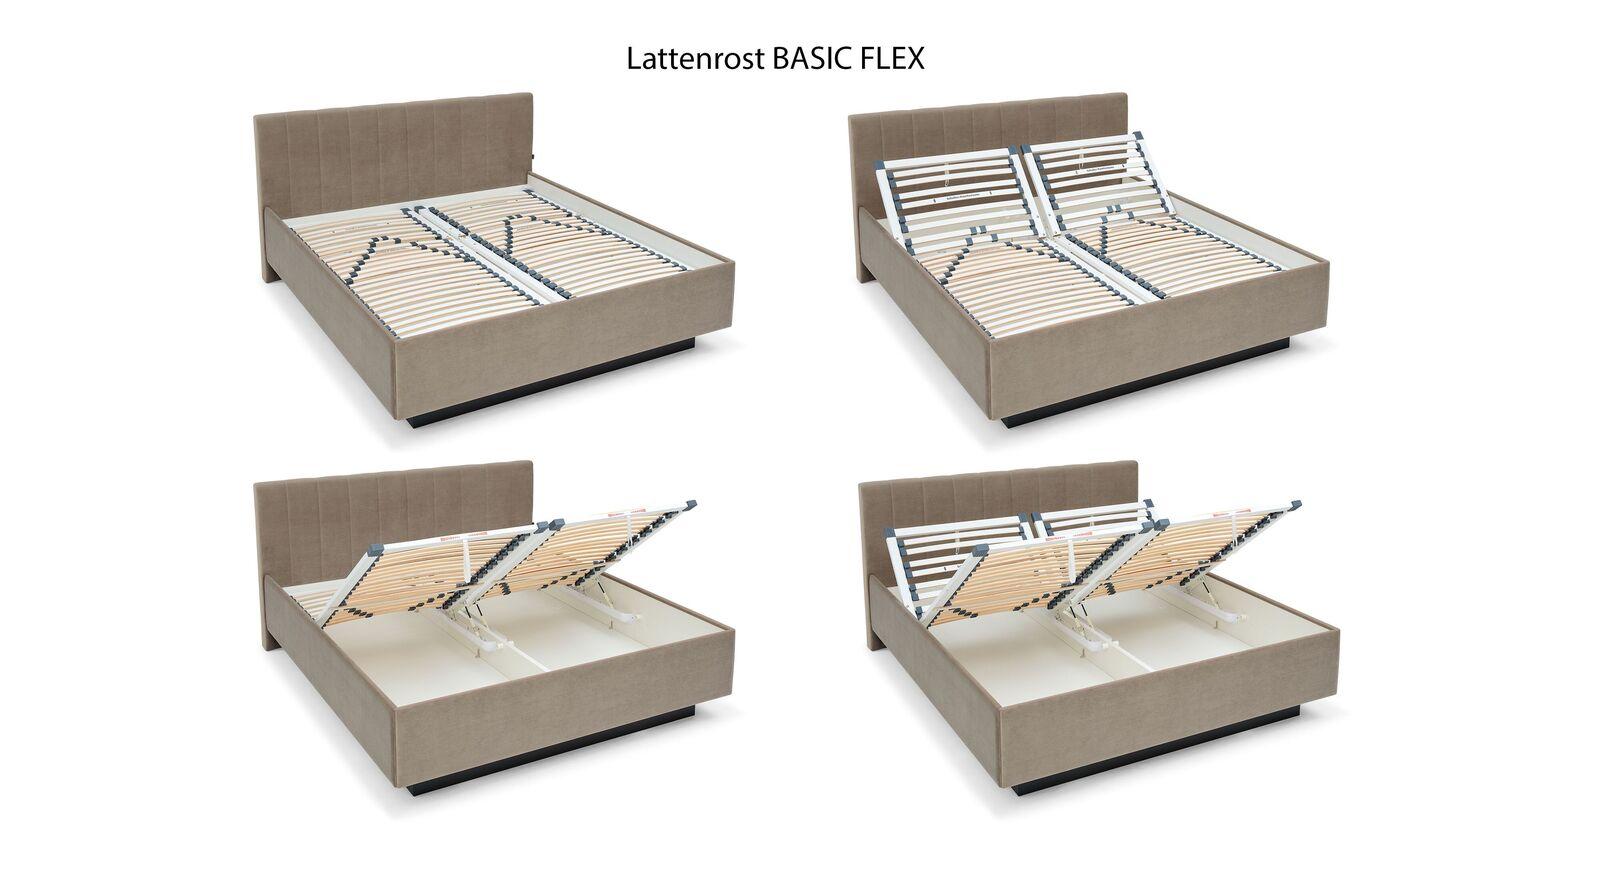 MUSTERRING Lattenrost Basic Flex mit praktischer Verstellung